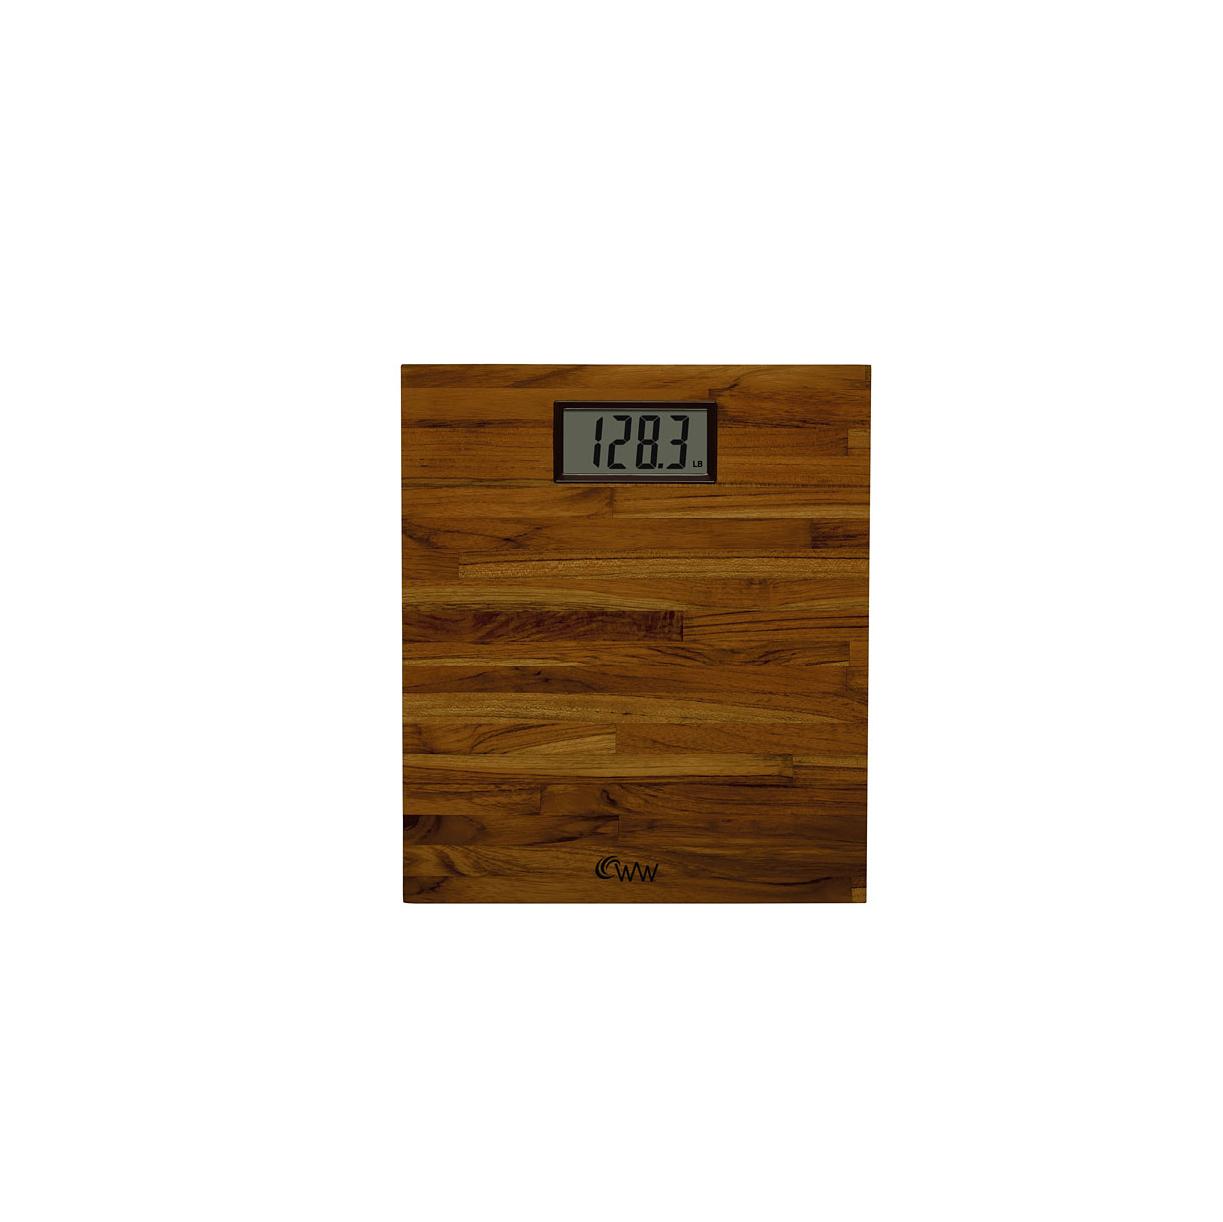 Bmi bathroom scales - Bathroom Scale Reviews